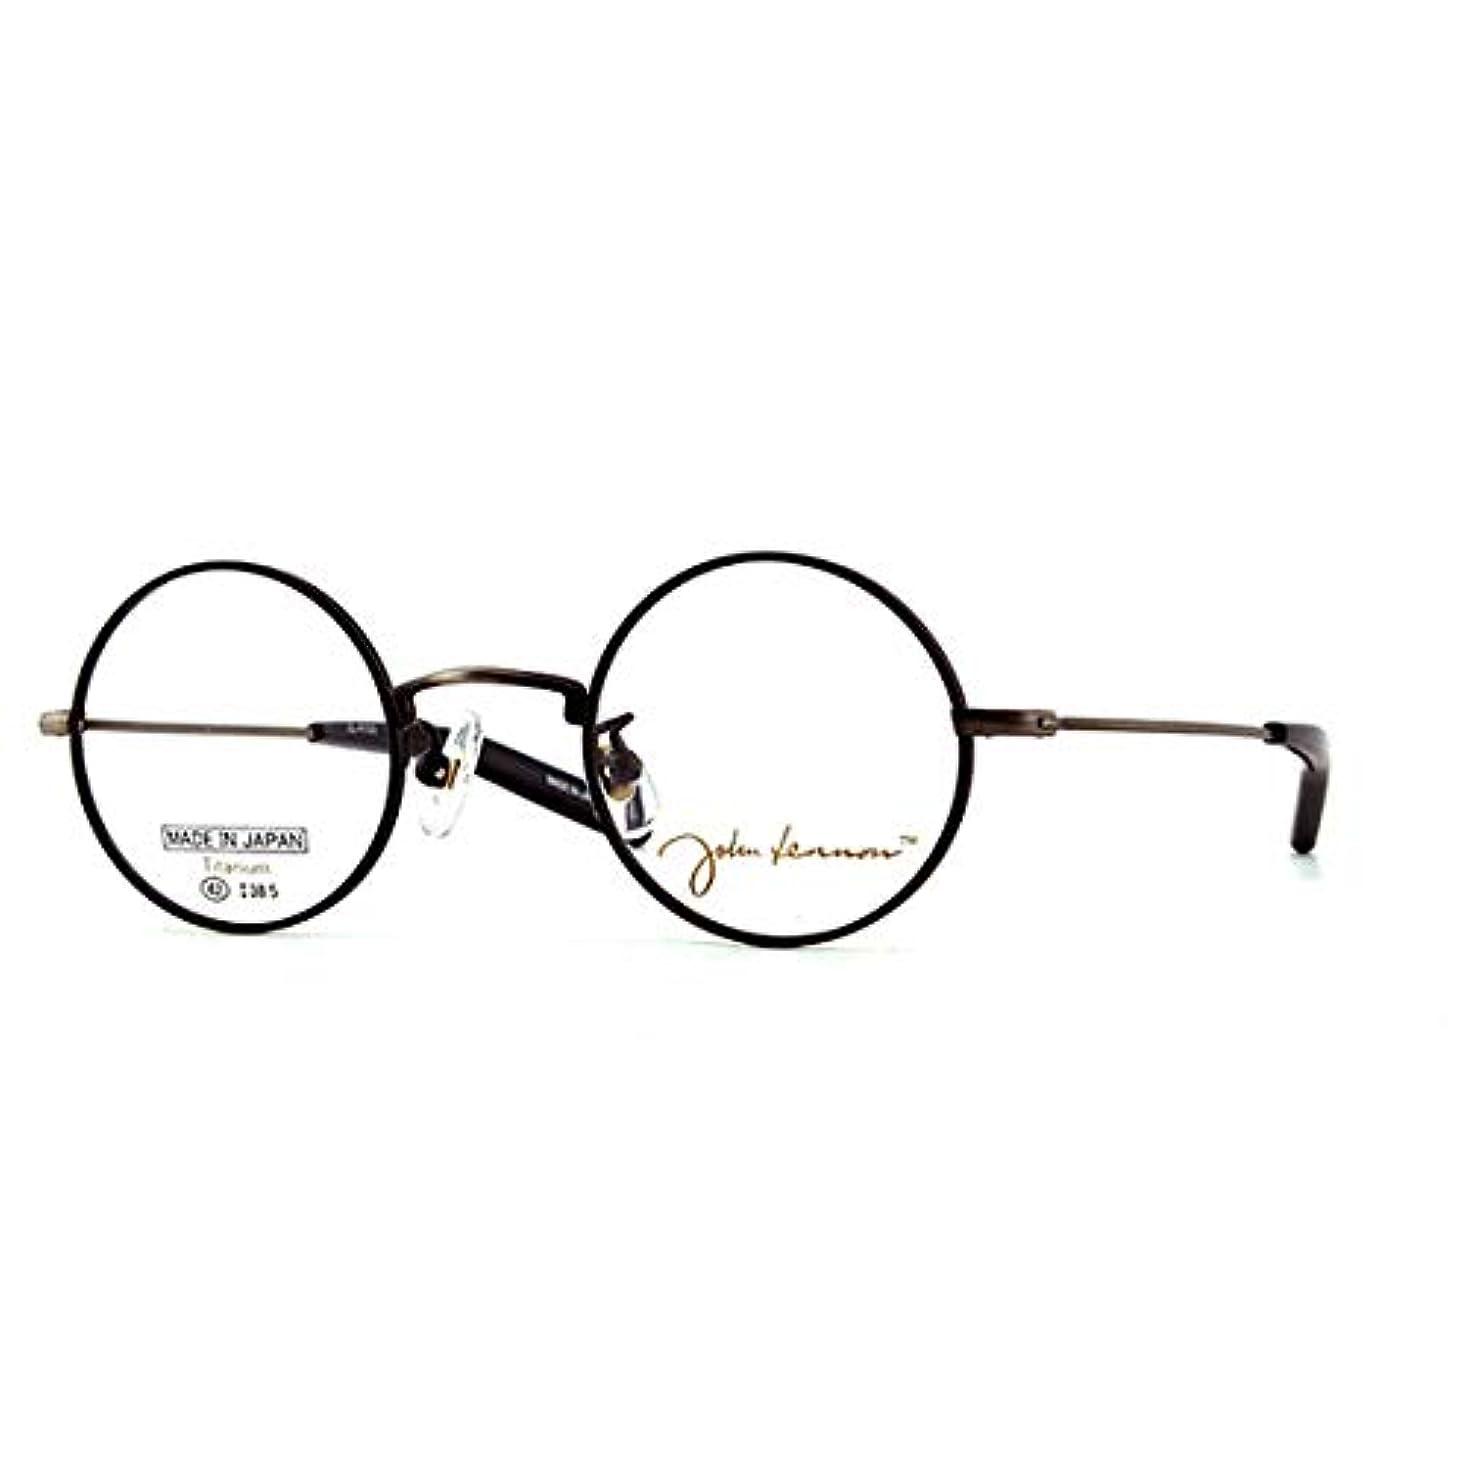 やけどにお手入れ鯖江ワークス(SABAE WORKS) 老眼鏡 ブルーカット ジョンレノン 丸眼鏡 JL-A103C4 +1.50